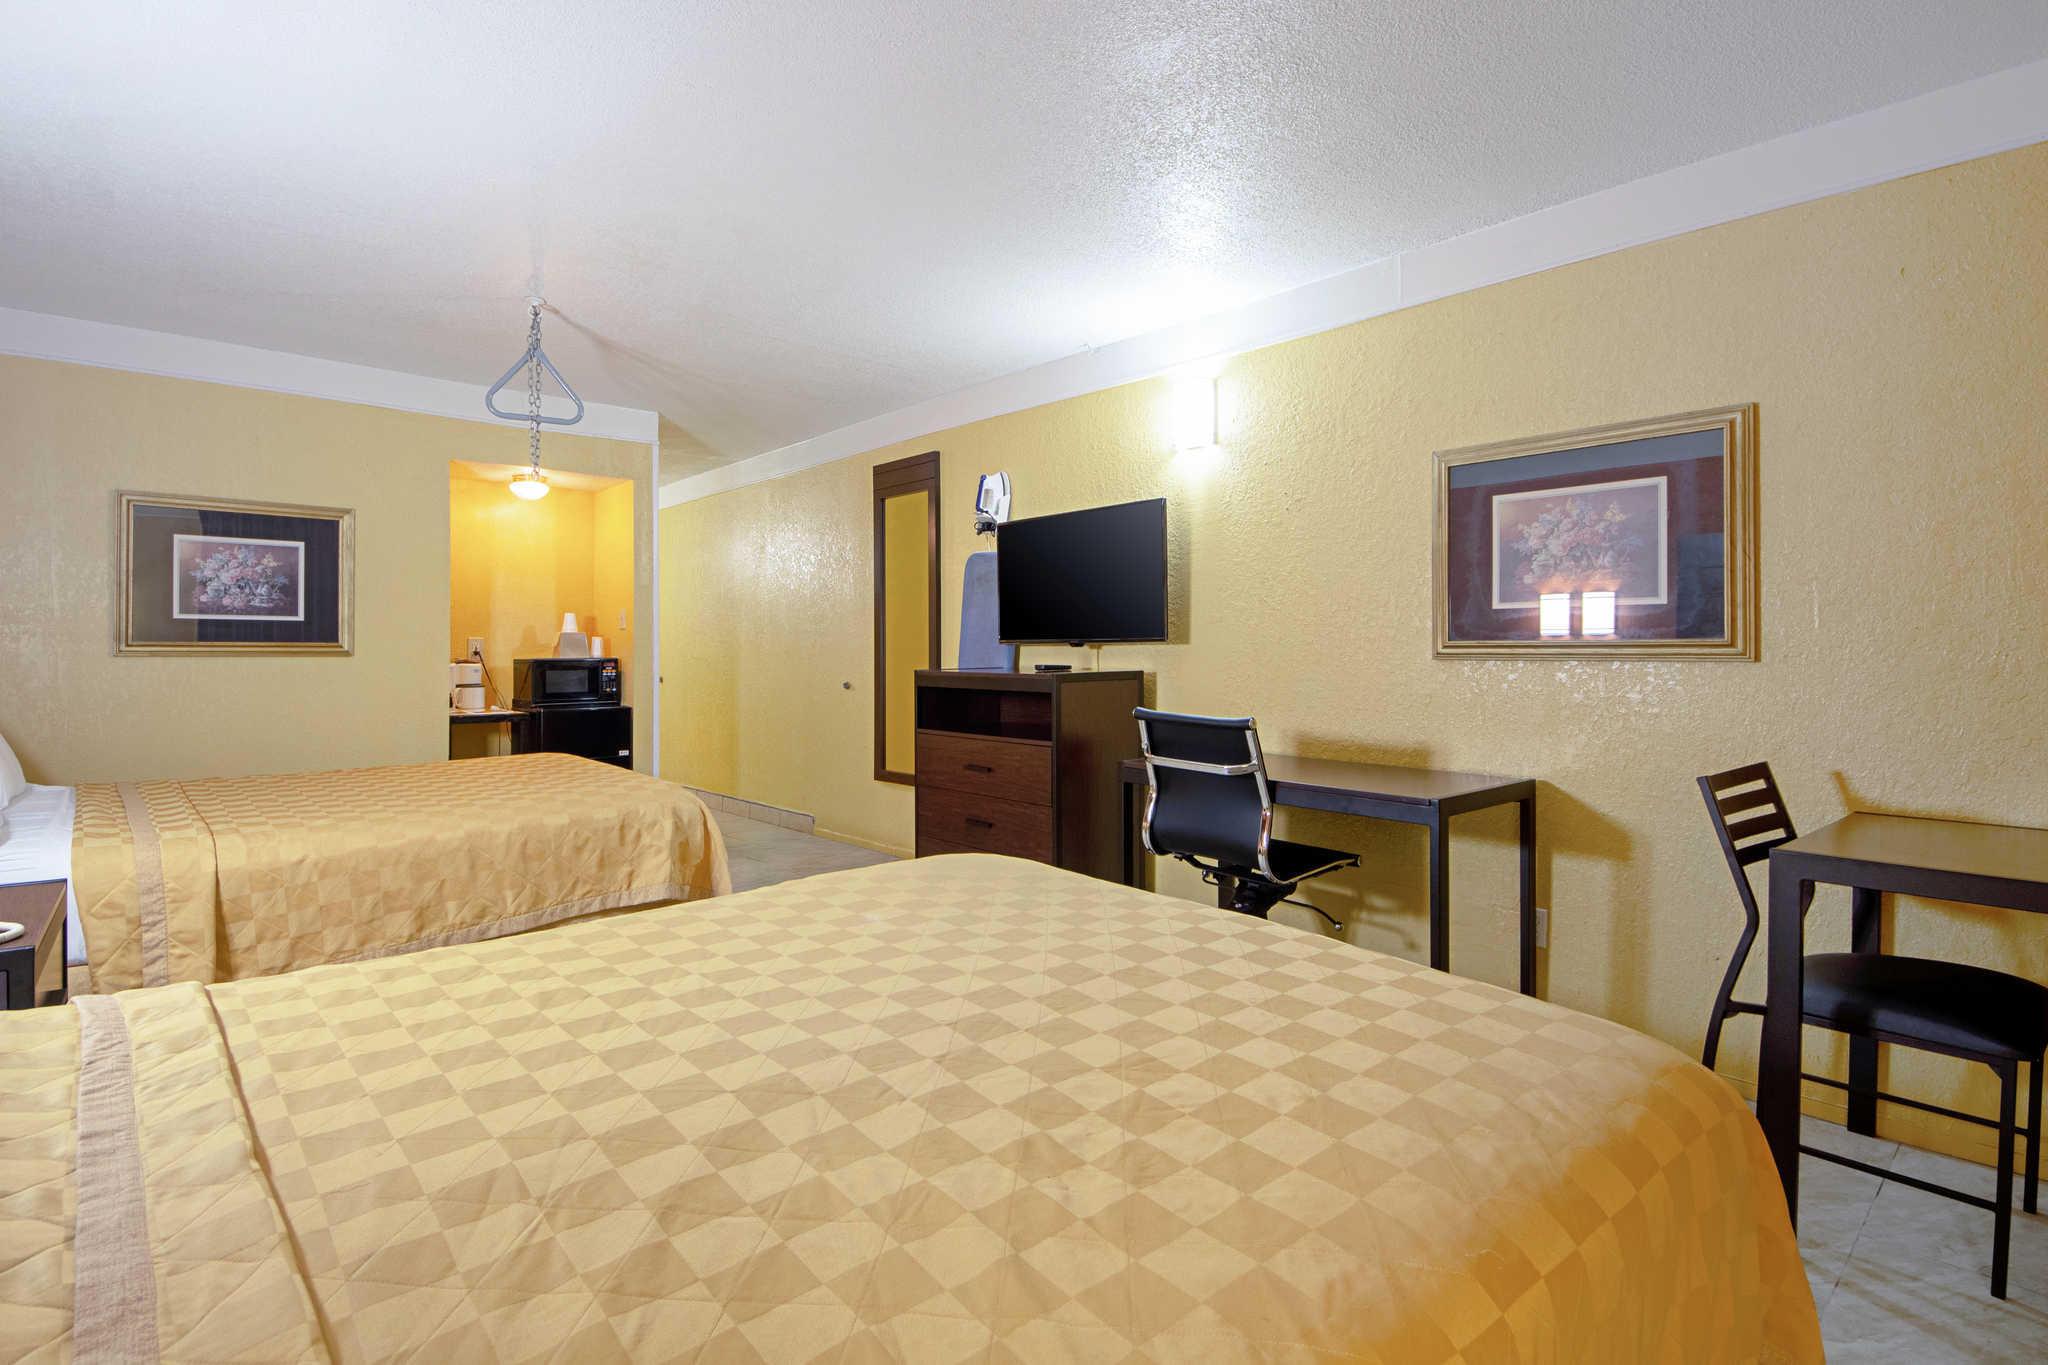 Rodeway Inn & Suites image 10